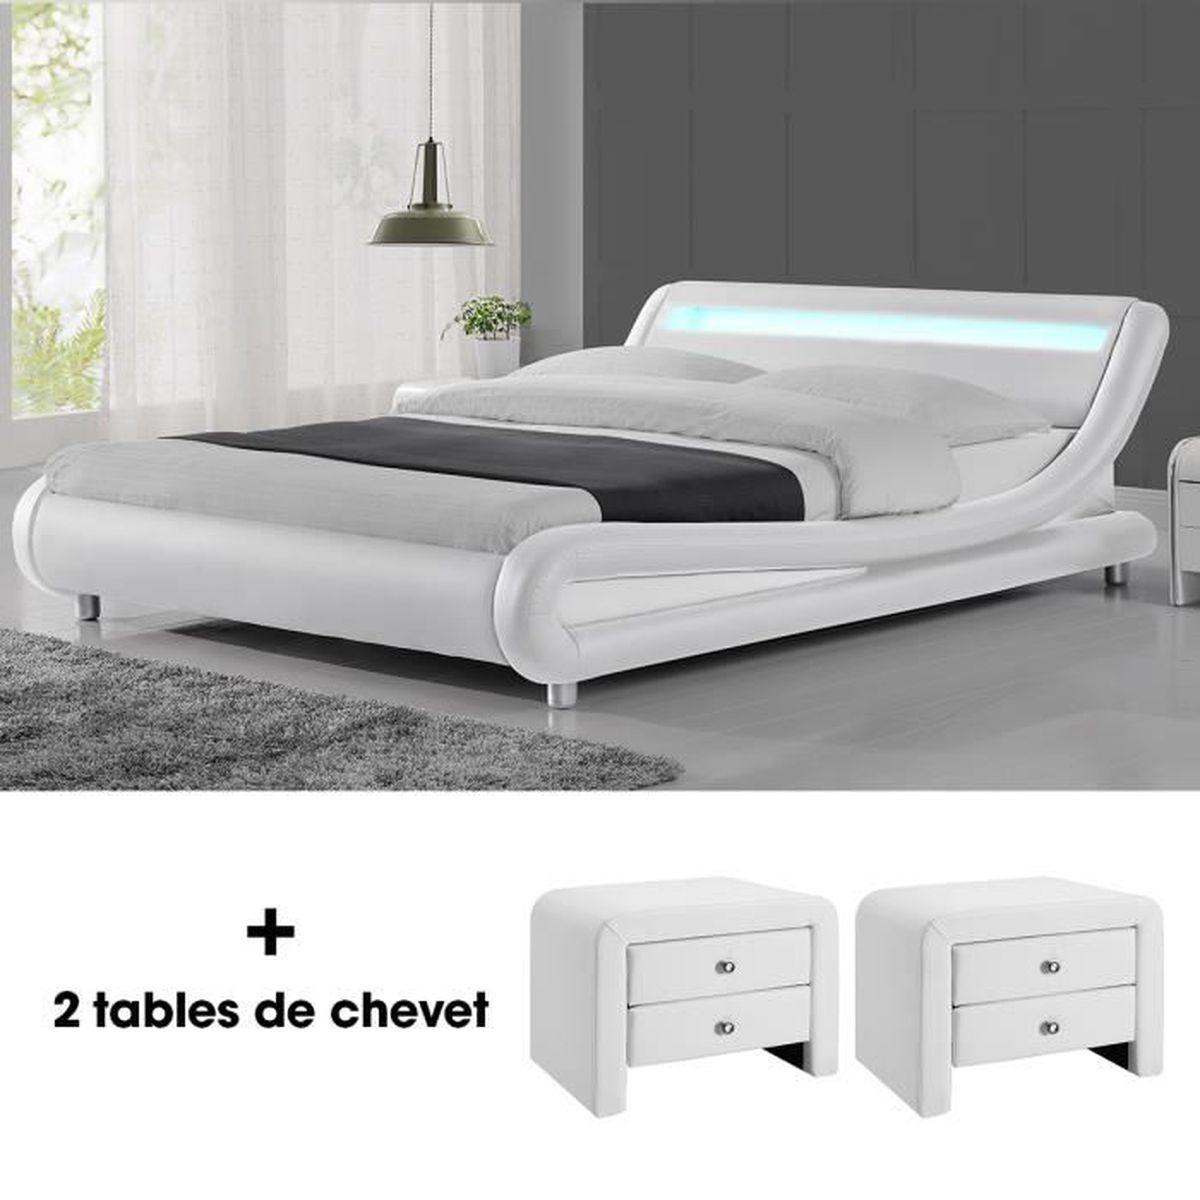 Lit led design julio 160cm avec 2 tables de chevet eva Lit mezzaclic 140x190